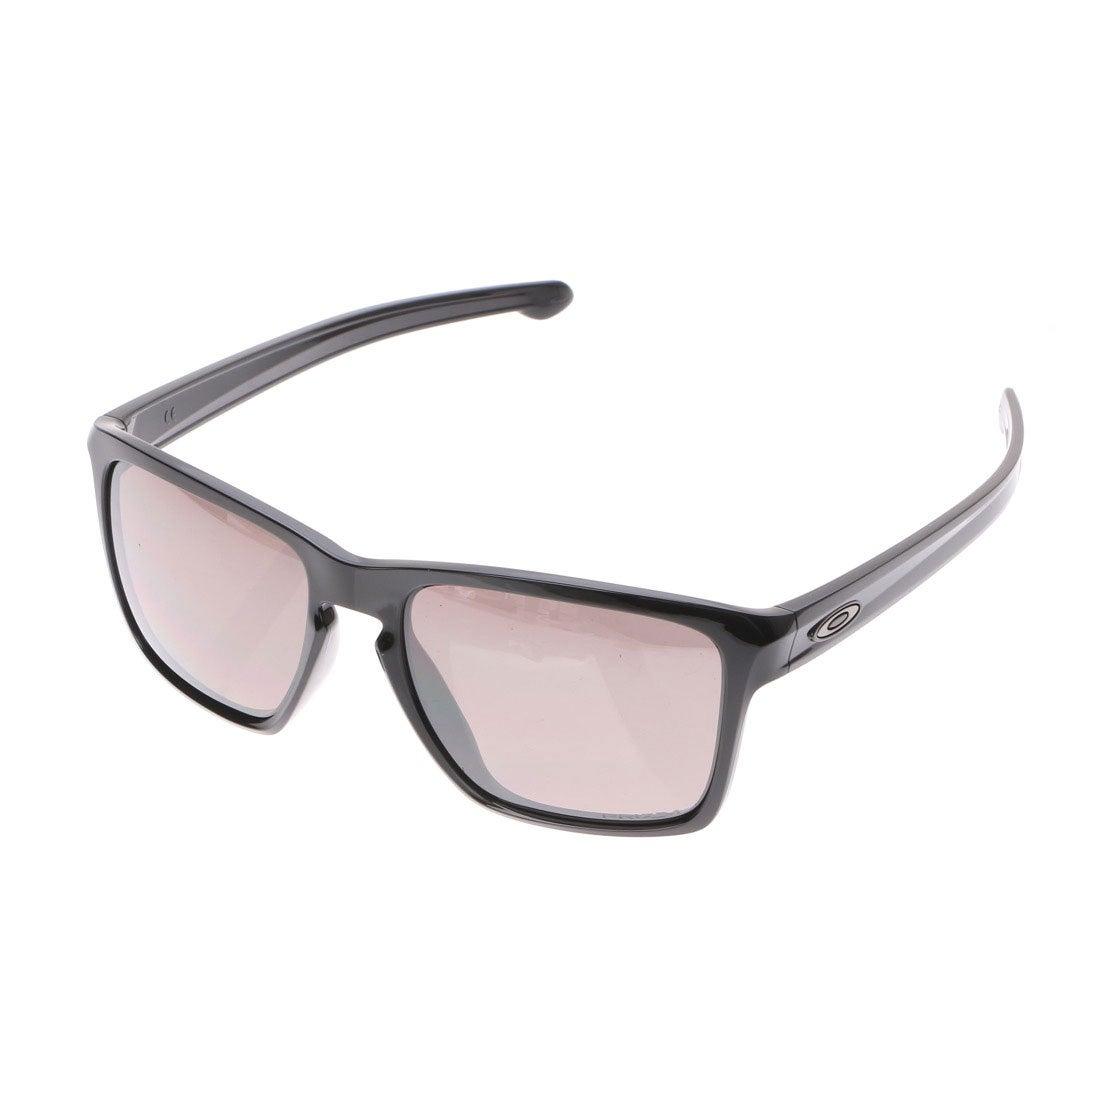 オークリー OAKLEY ユニセックス ゴルフ サングラス (Asian Fit) SLIVER XL OO9346-05 レディース メンズ